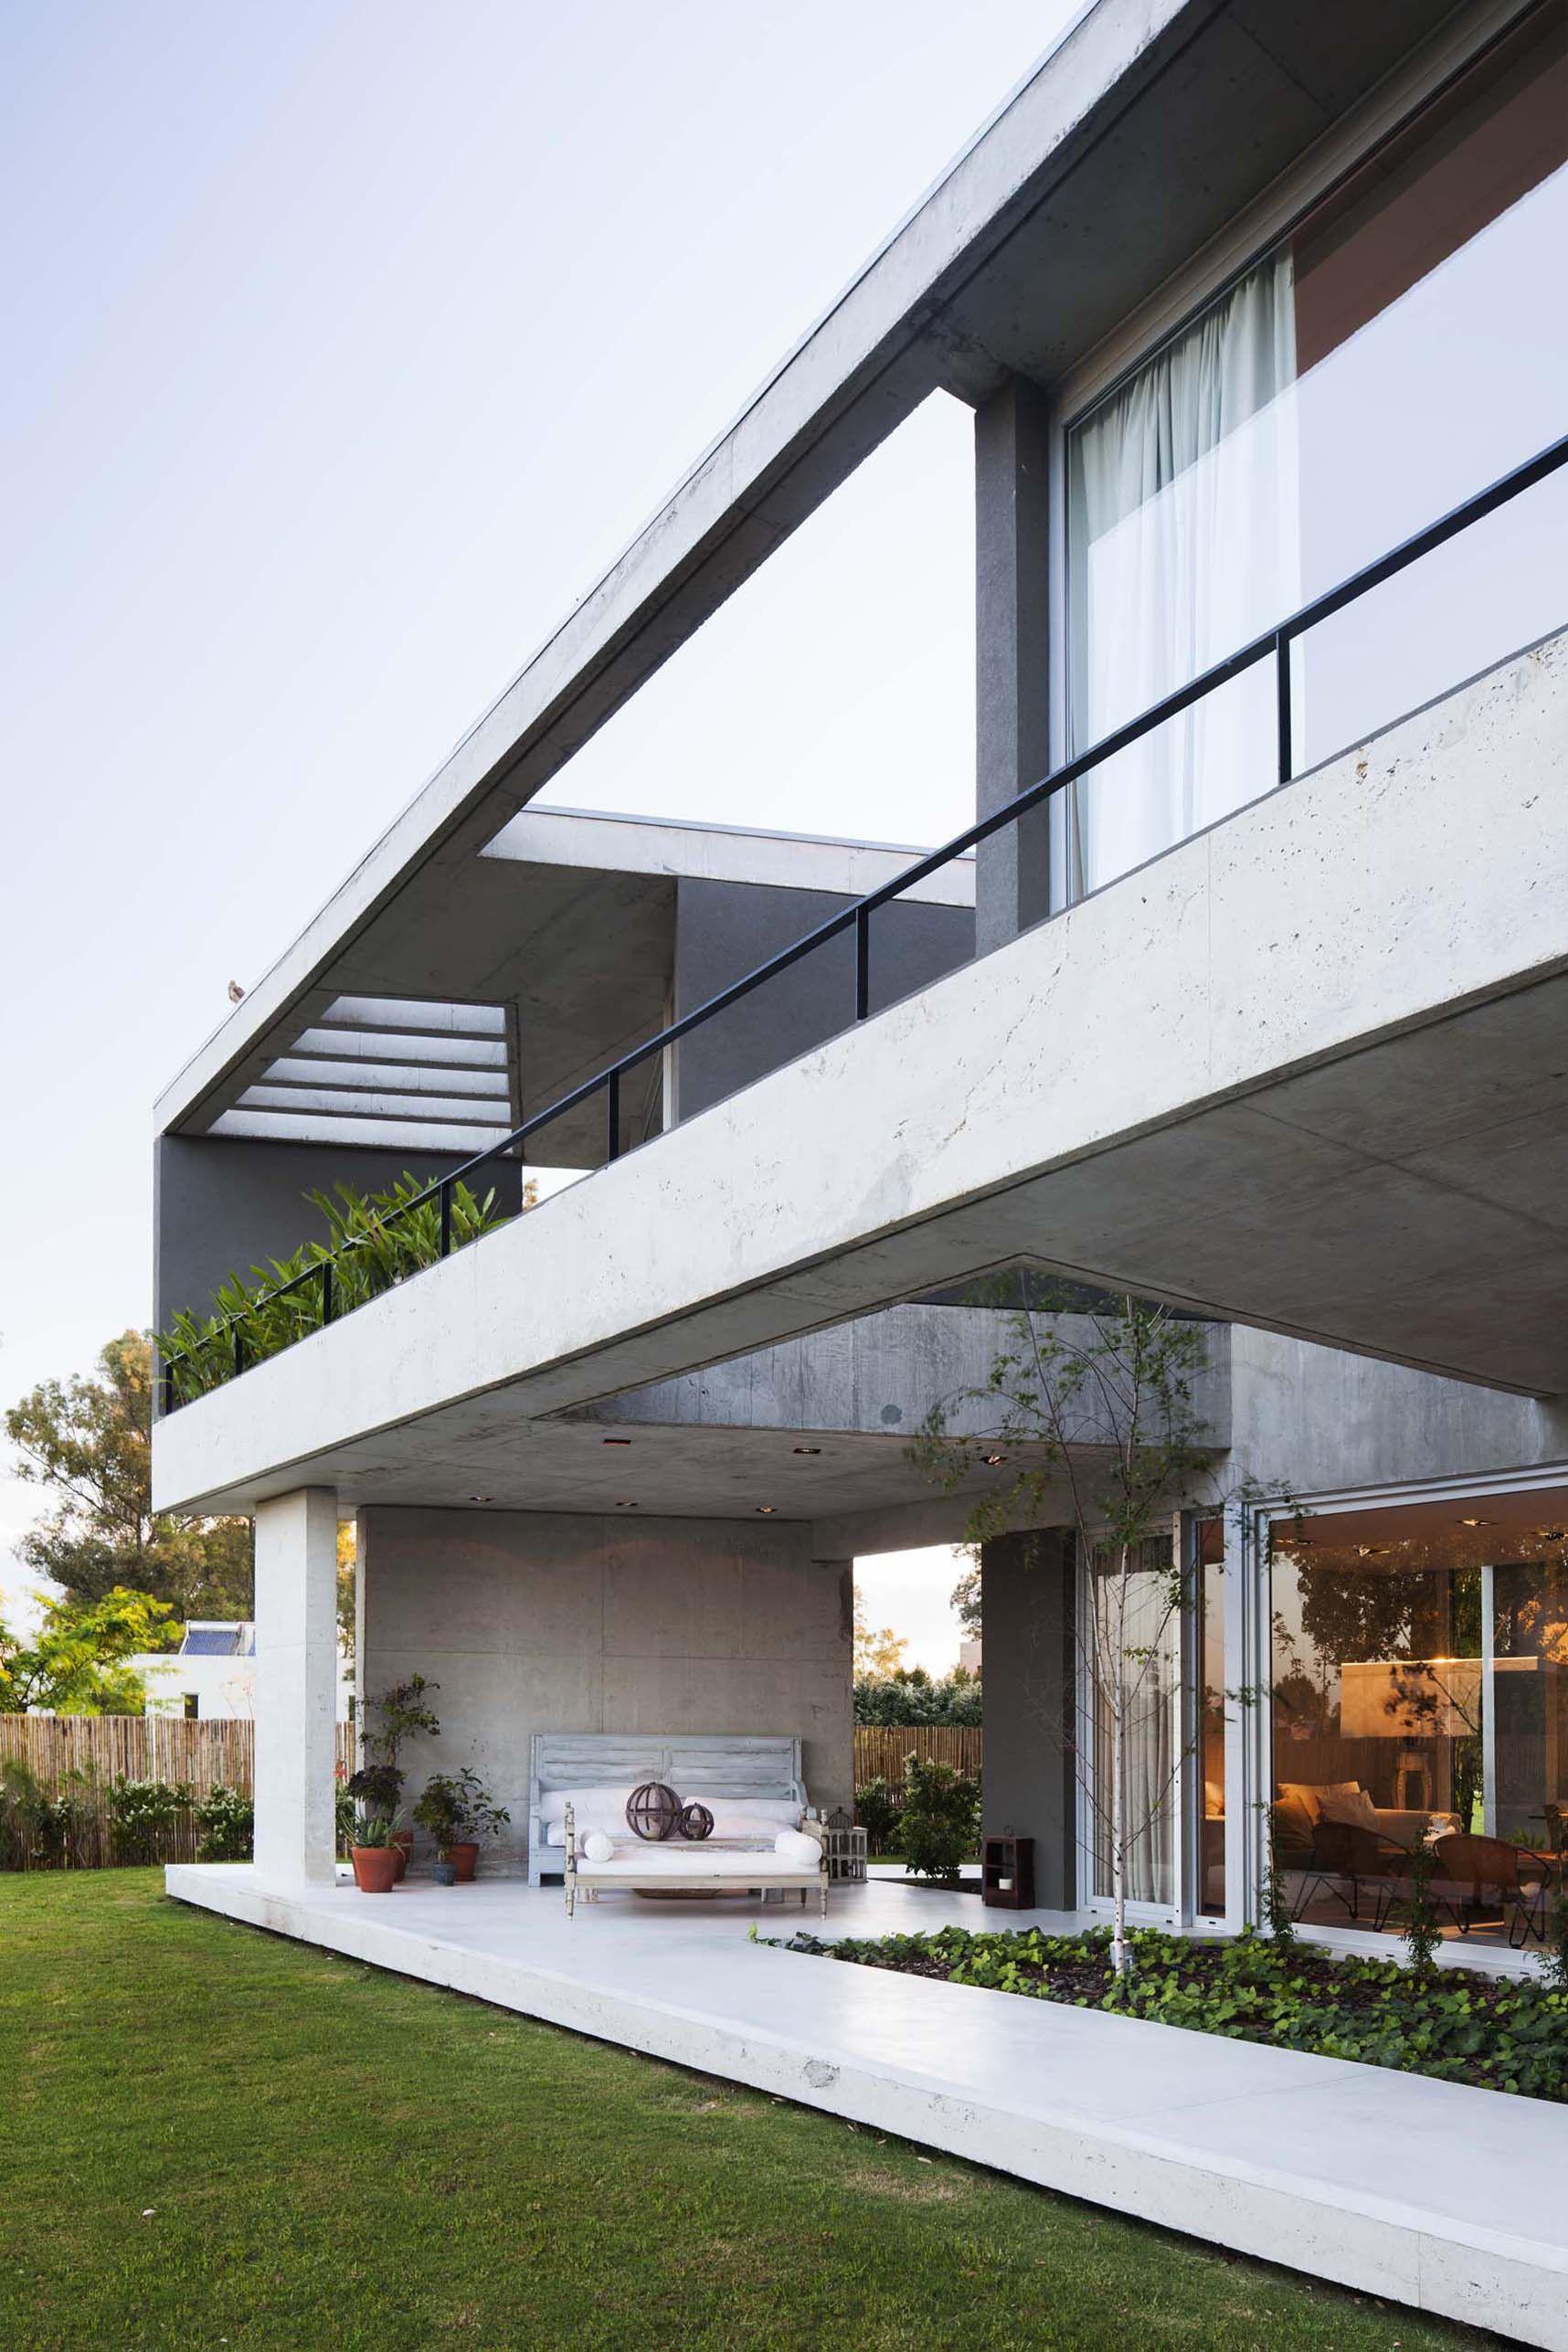 Stili Di Case Moderne.Pin By Bel Kambach On Villa Dreams Architettura Appartamenti Case